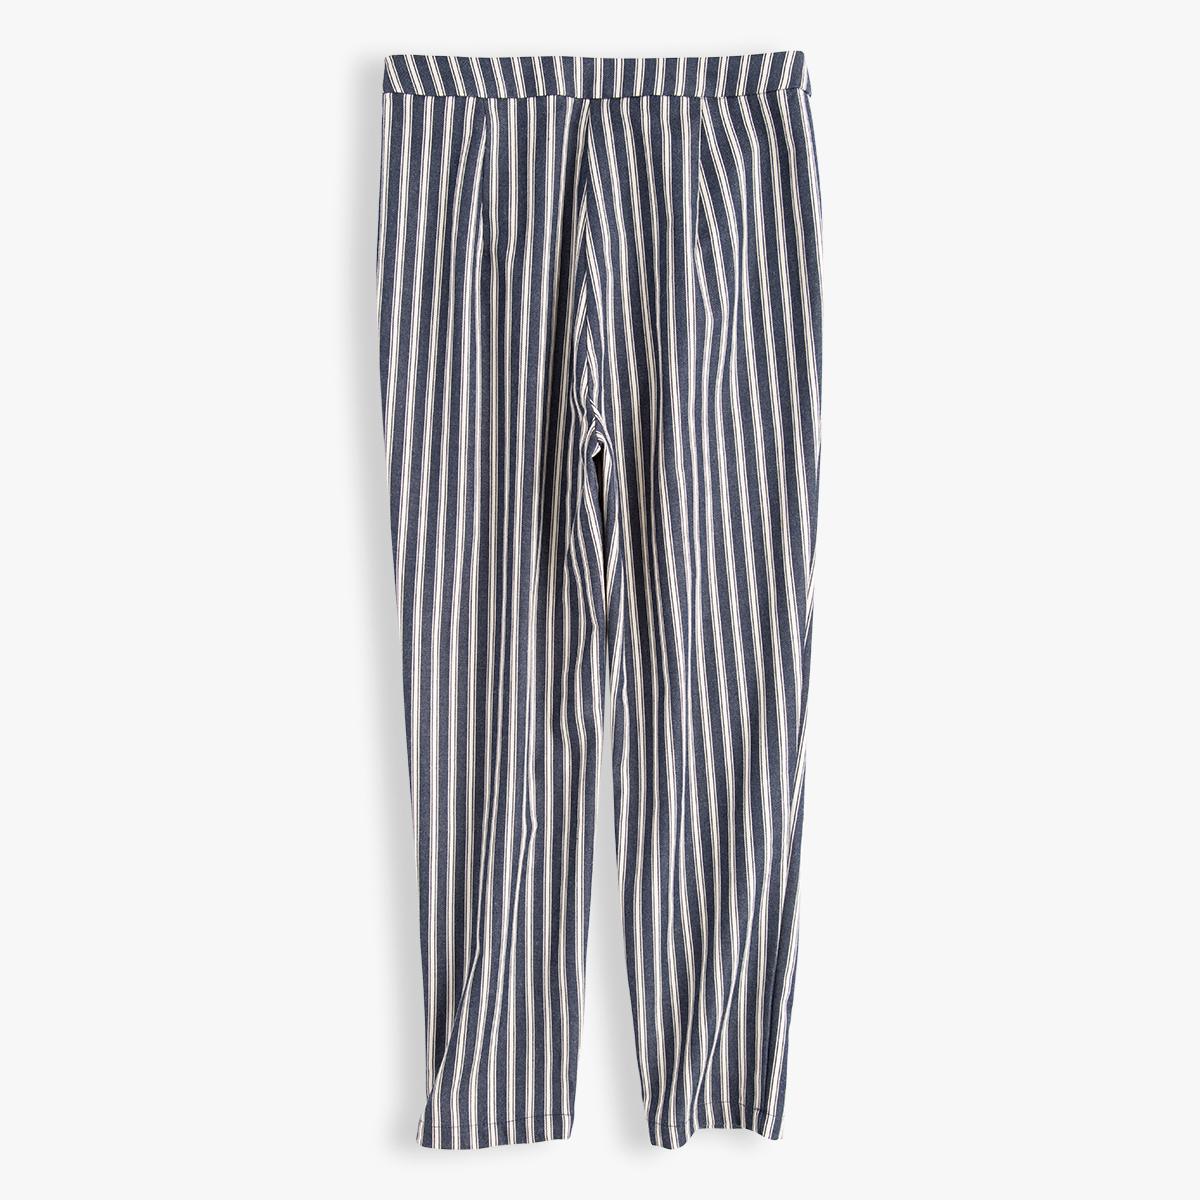 Rayures Femmes cou Gris Promotion V Nouveau De Printemps Mode Pantalon Deux Gilet La À Neuf Féminin 2018 Survêtements Costume Rayé Ensembles Boutique q7RwEfEW1